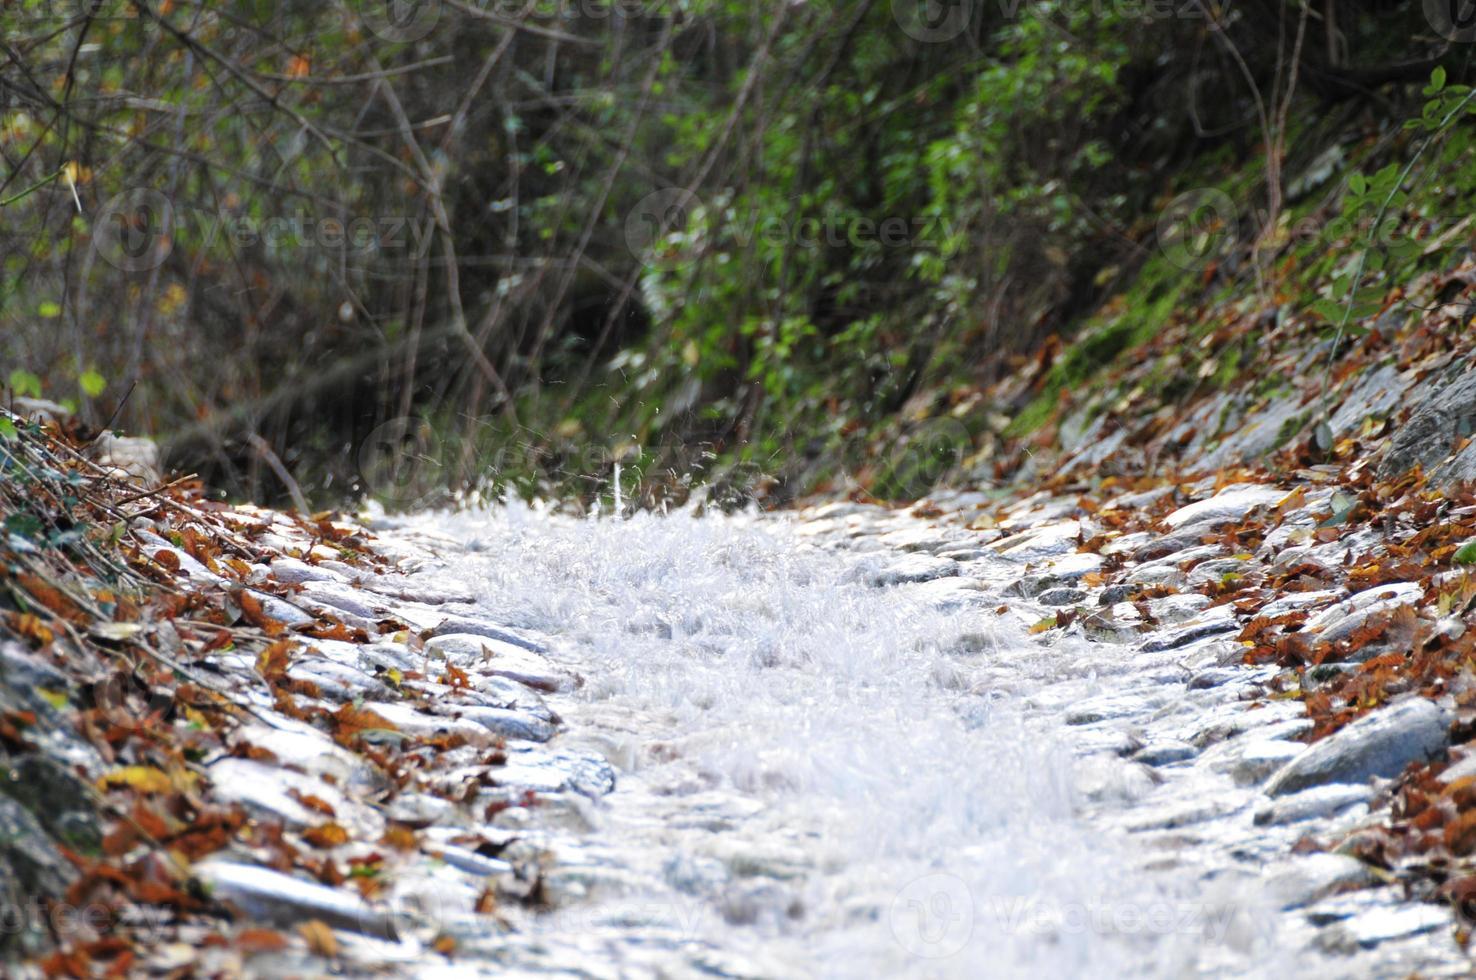 ruisseau de montagne se bouchent photo